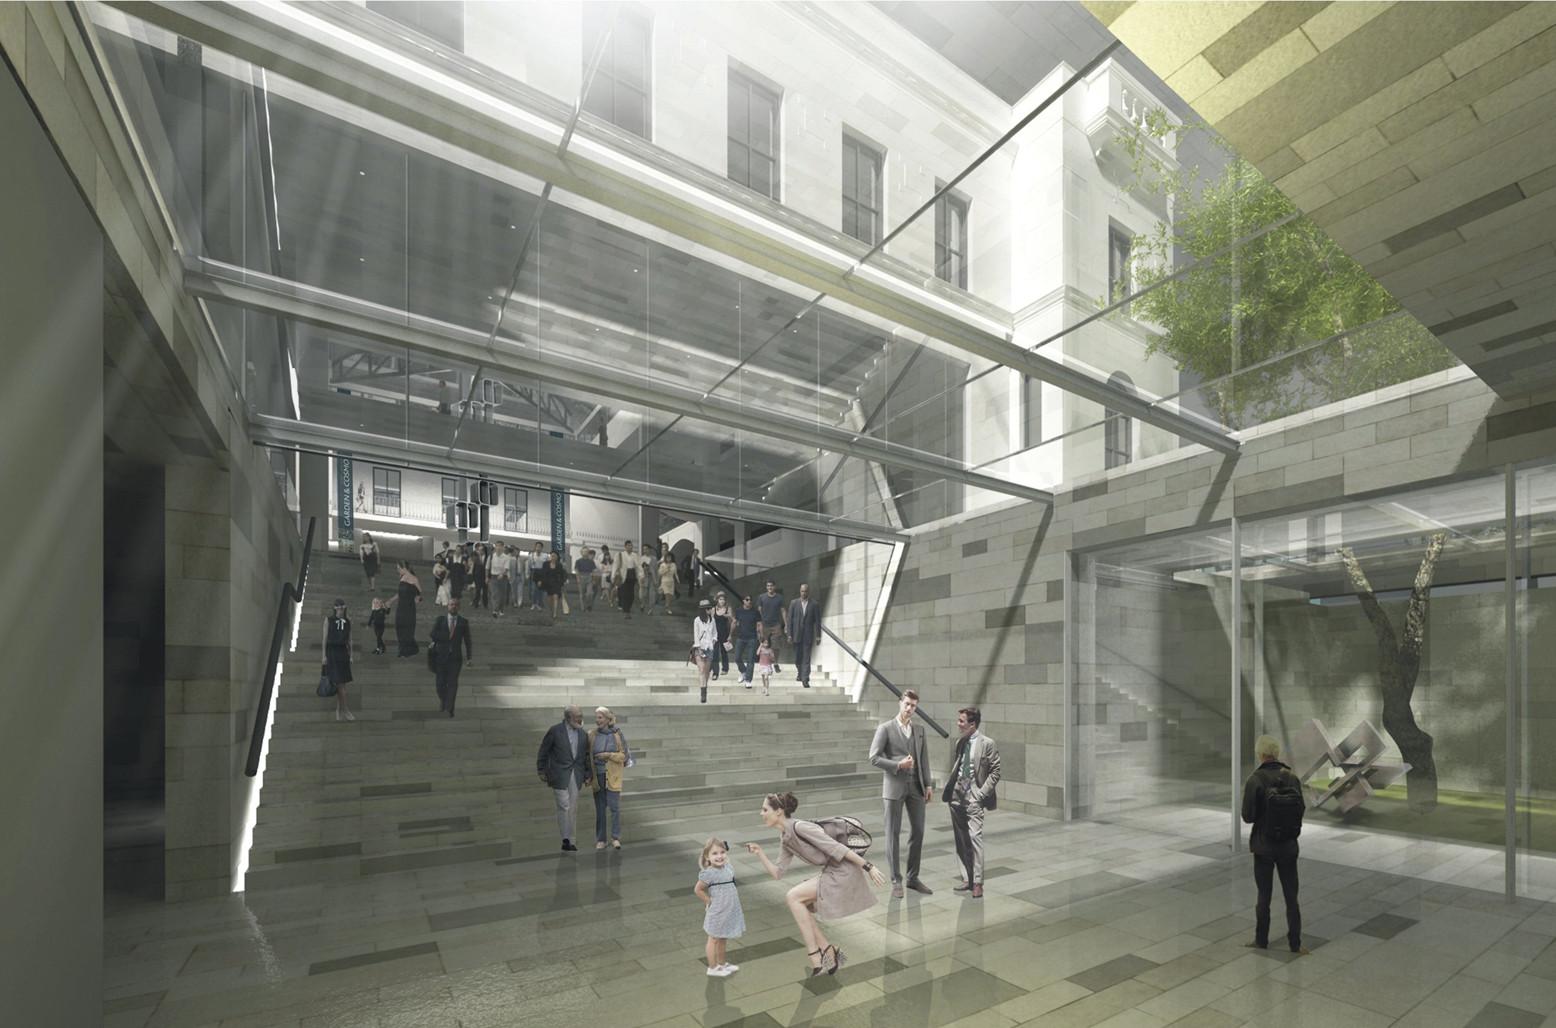 Ganador centro de convenciones y exposiciones antiguo - Estudios de arquitectura en cordoba ...